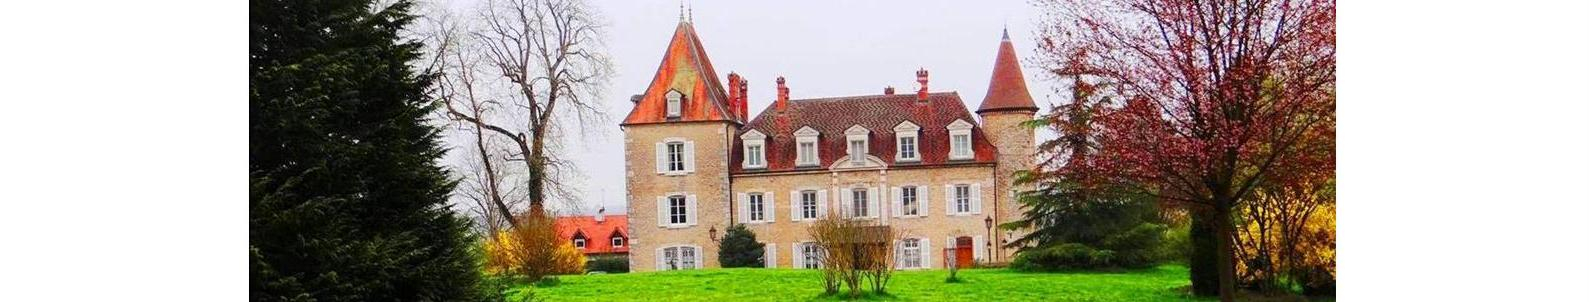 Château de Beauregard - Pagney (Jura)